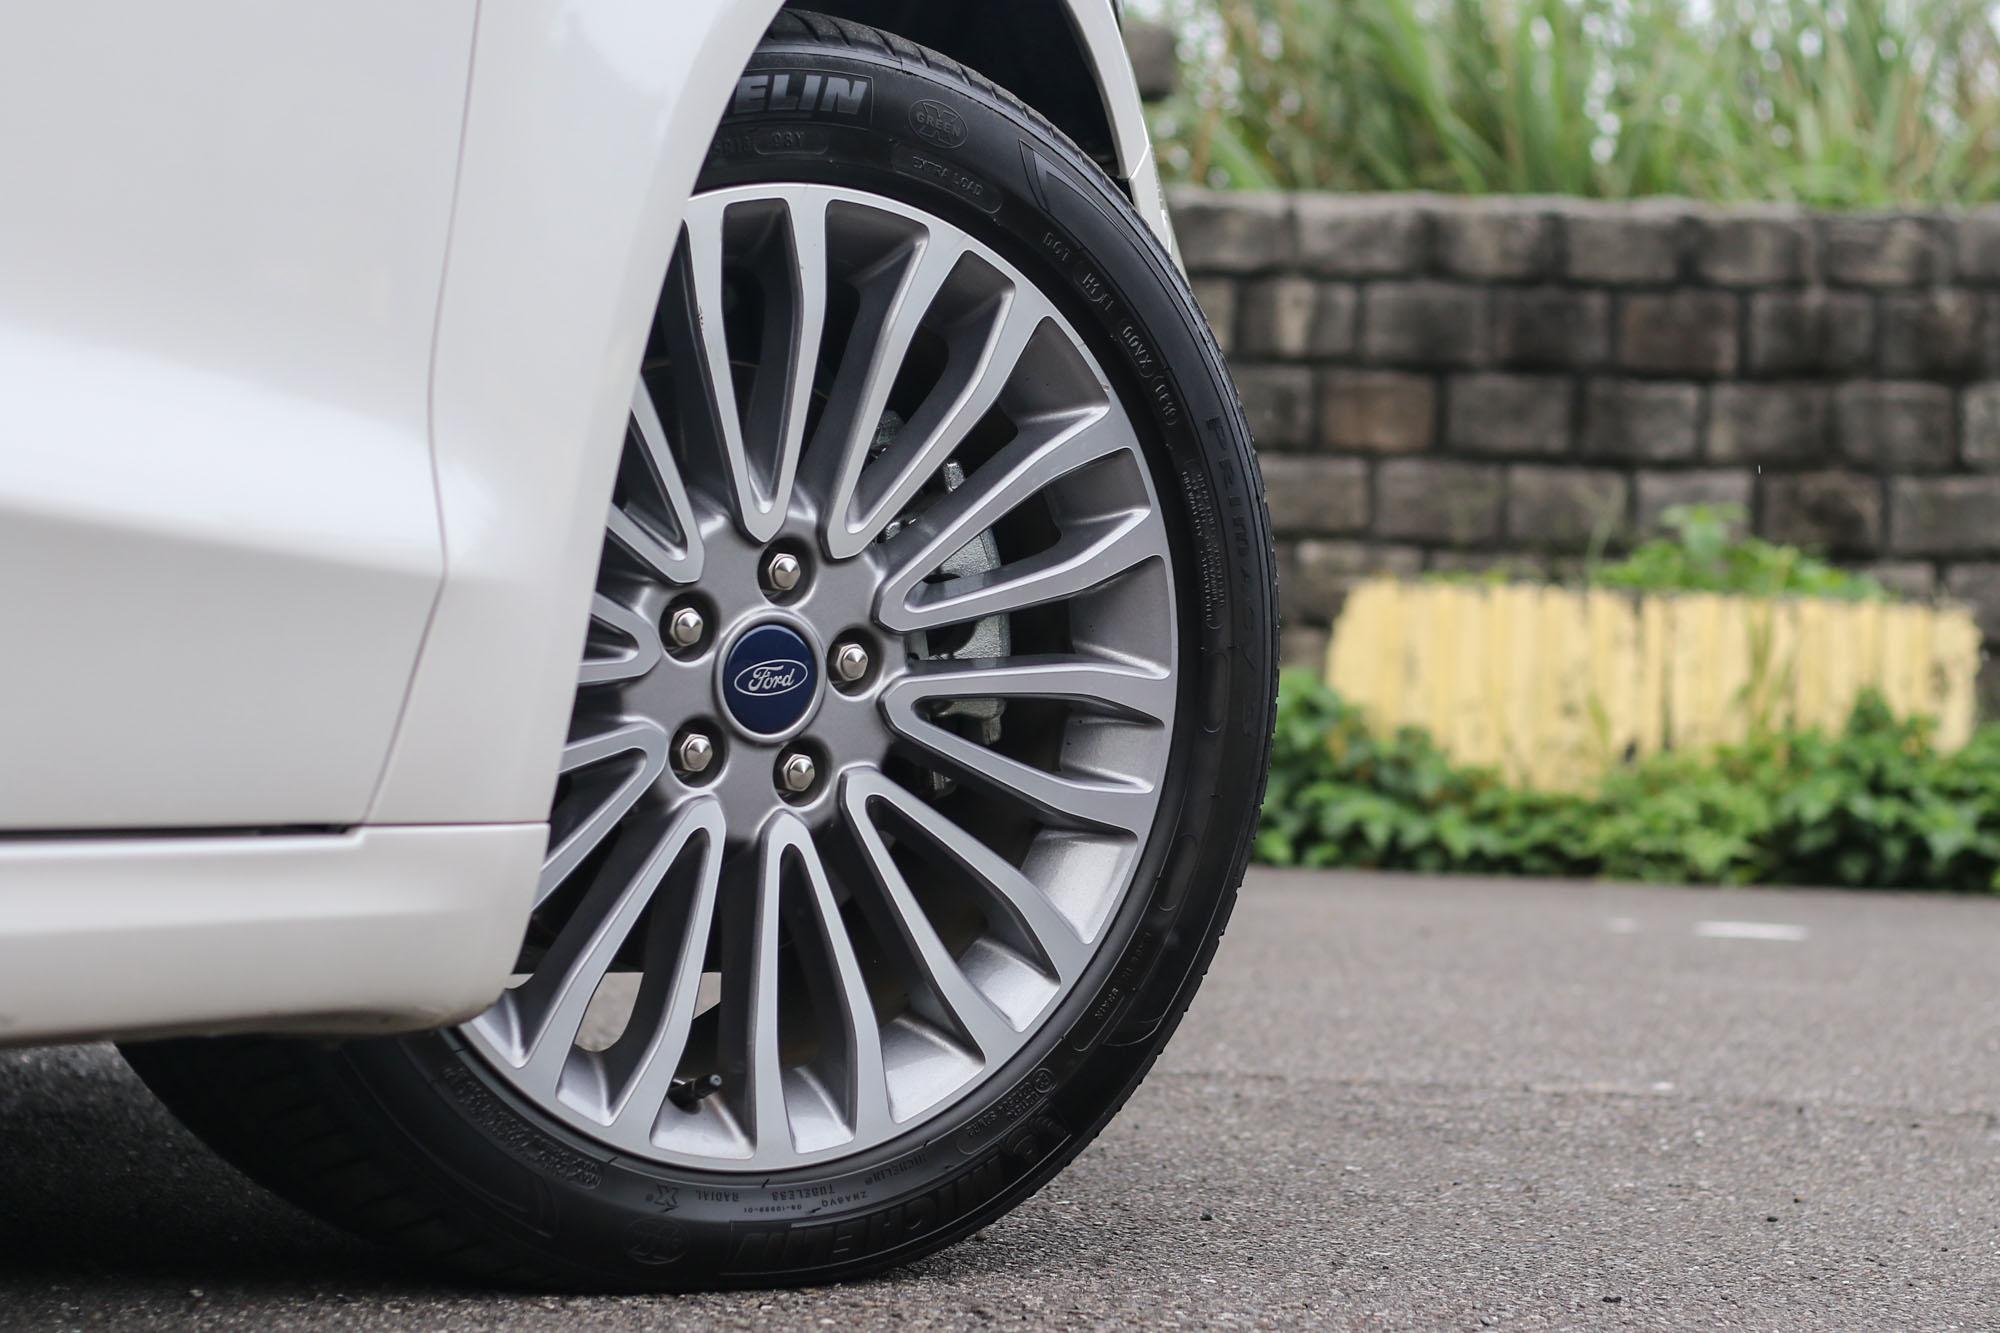 18 吋輪圈走精緻優雅路線,但動感好像就少了這麼一些!